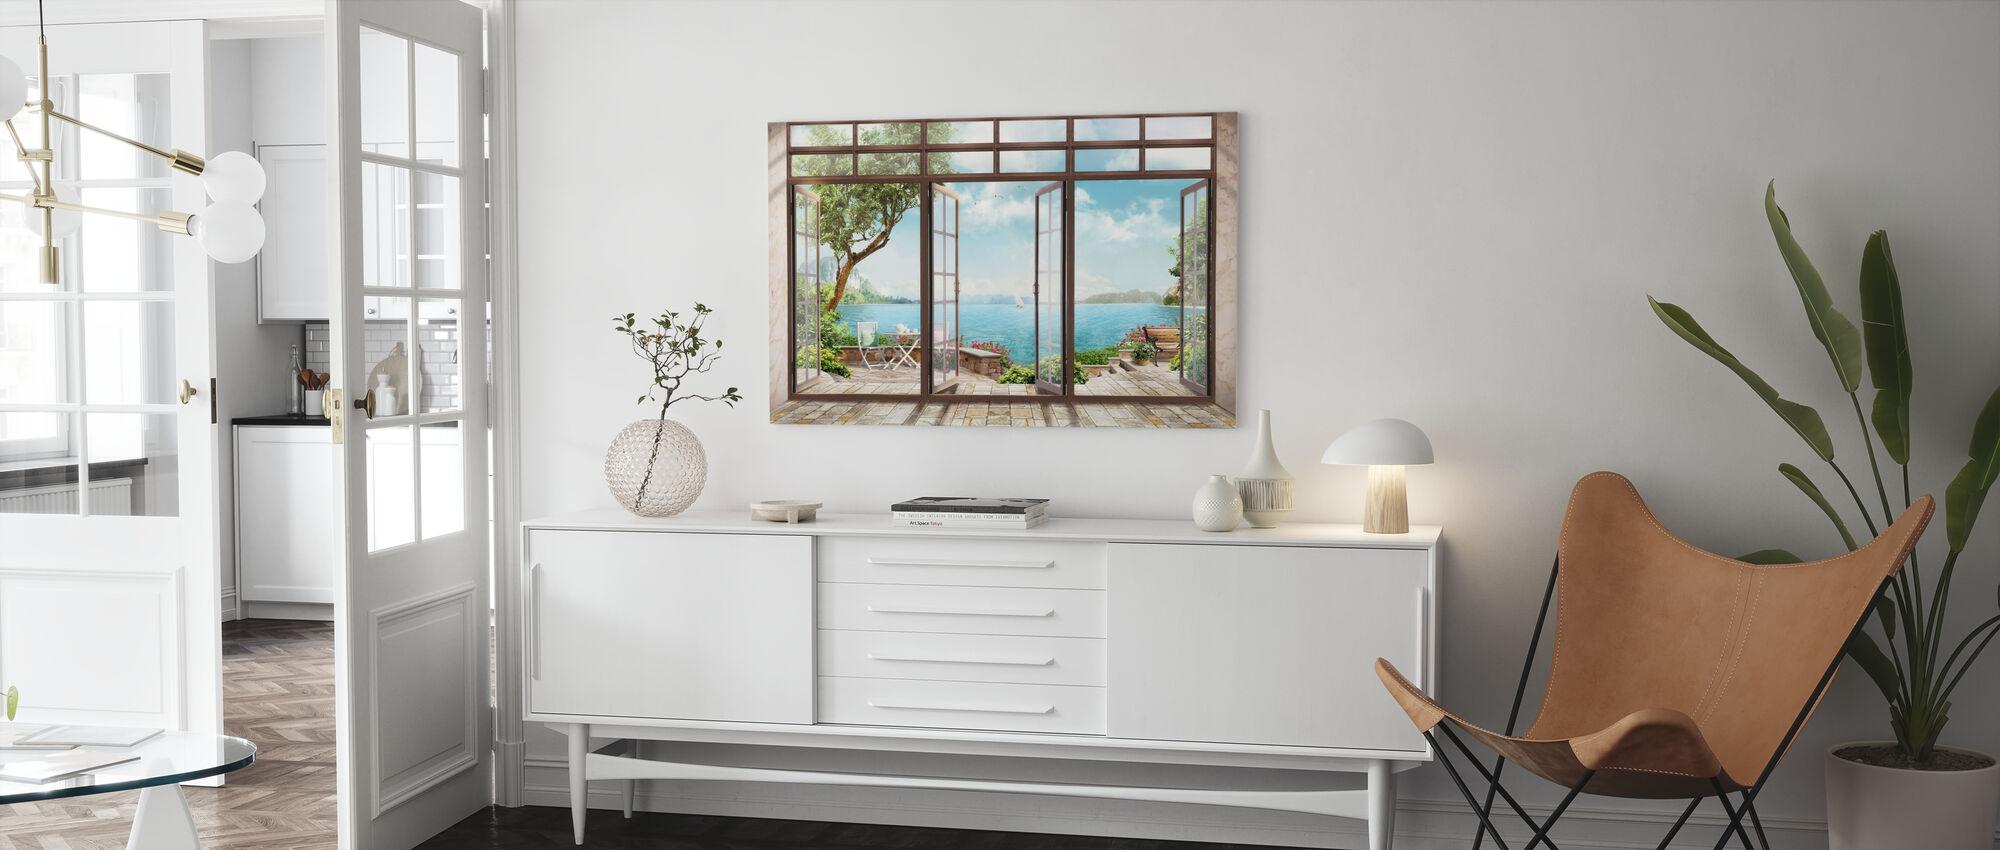 Rum med utsikt - Canvastavla - Vardagsrum